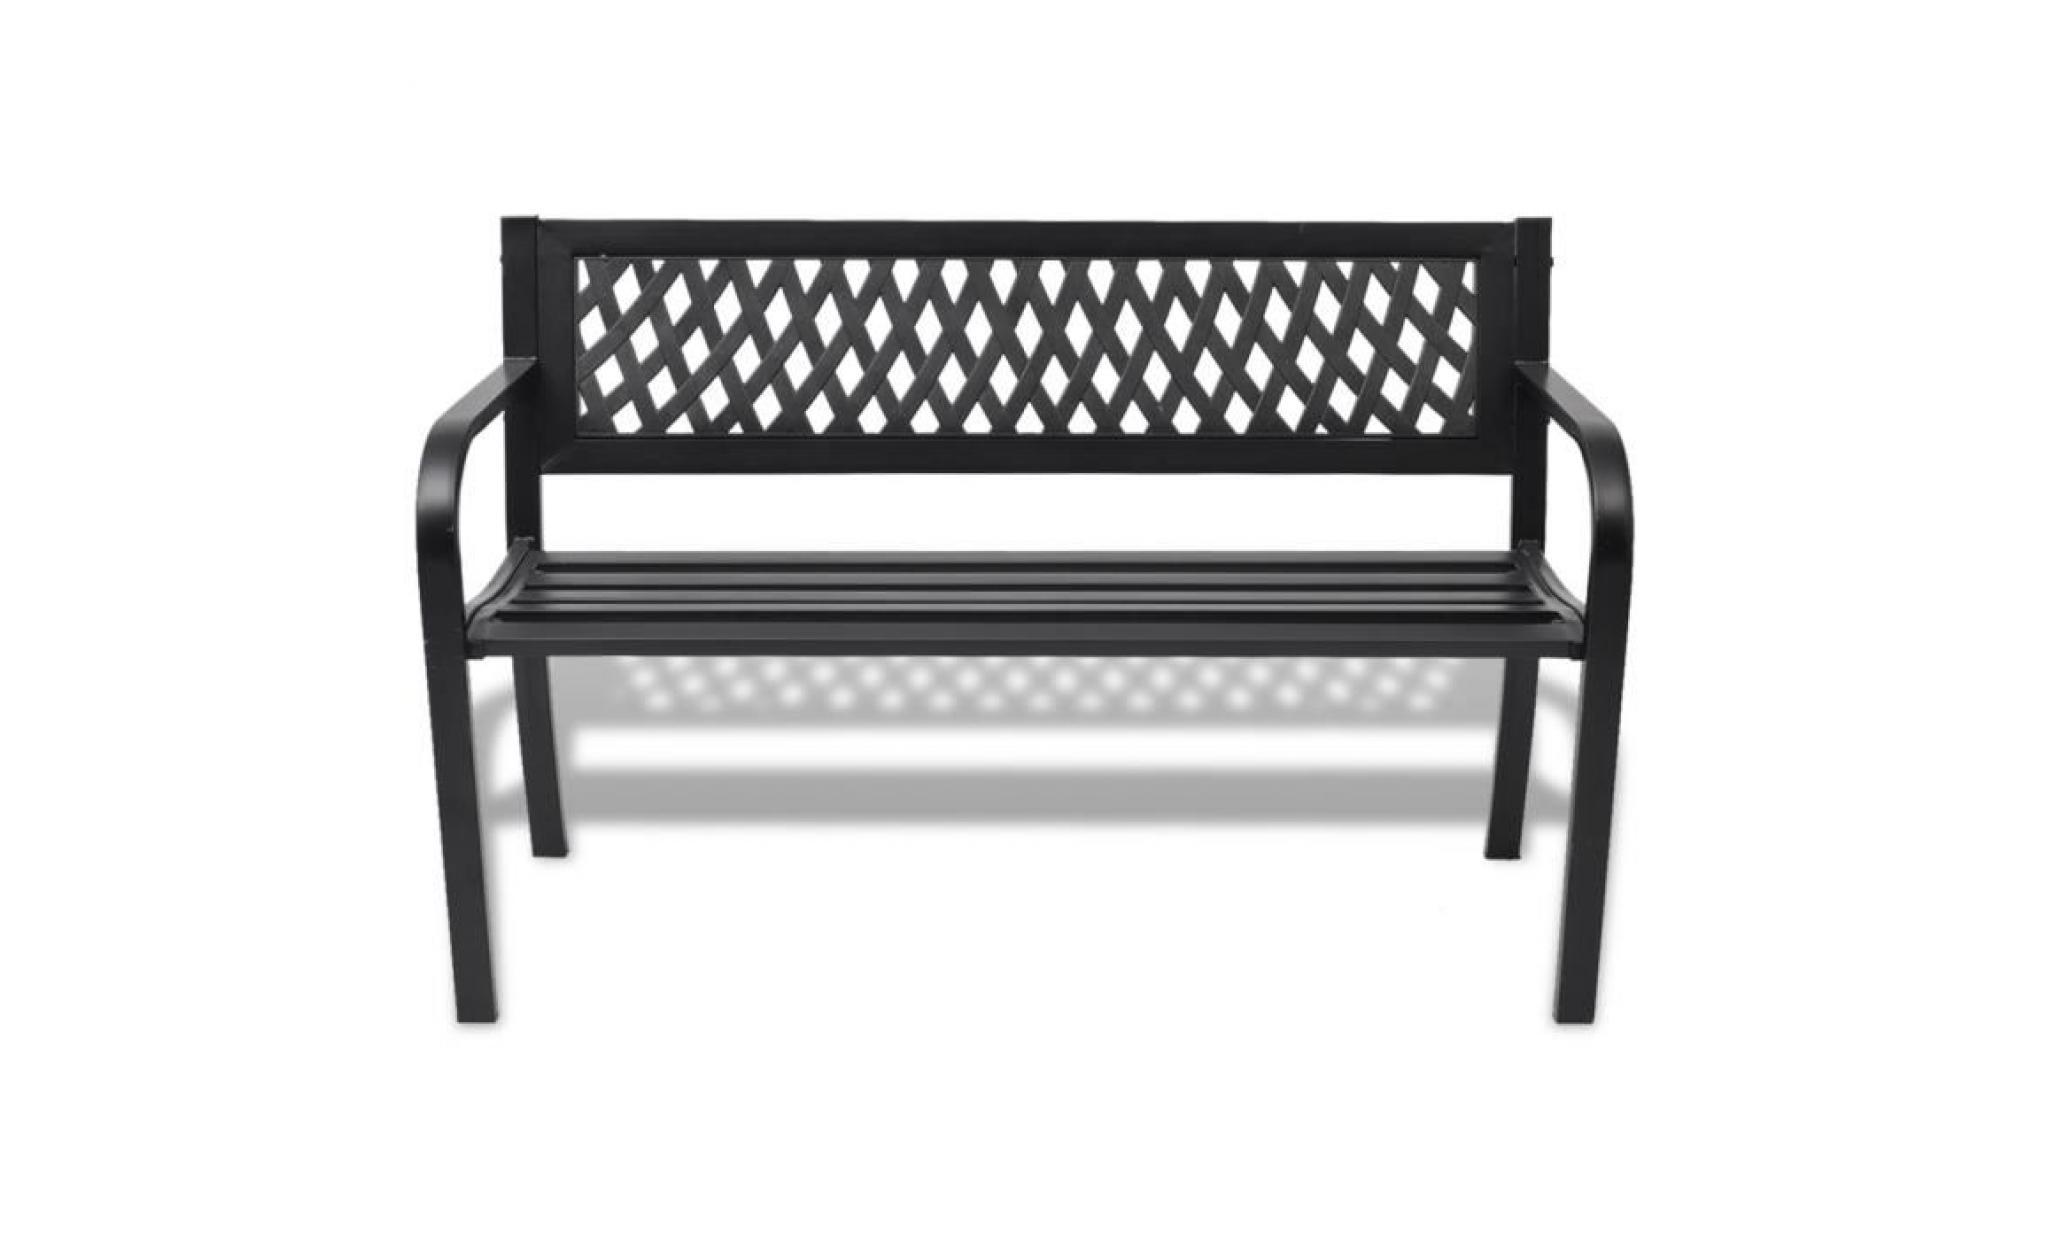 vidaXL Banc de jardin en acier noir - Achat/Vente banc de jardin en ...